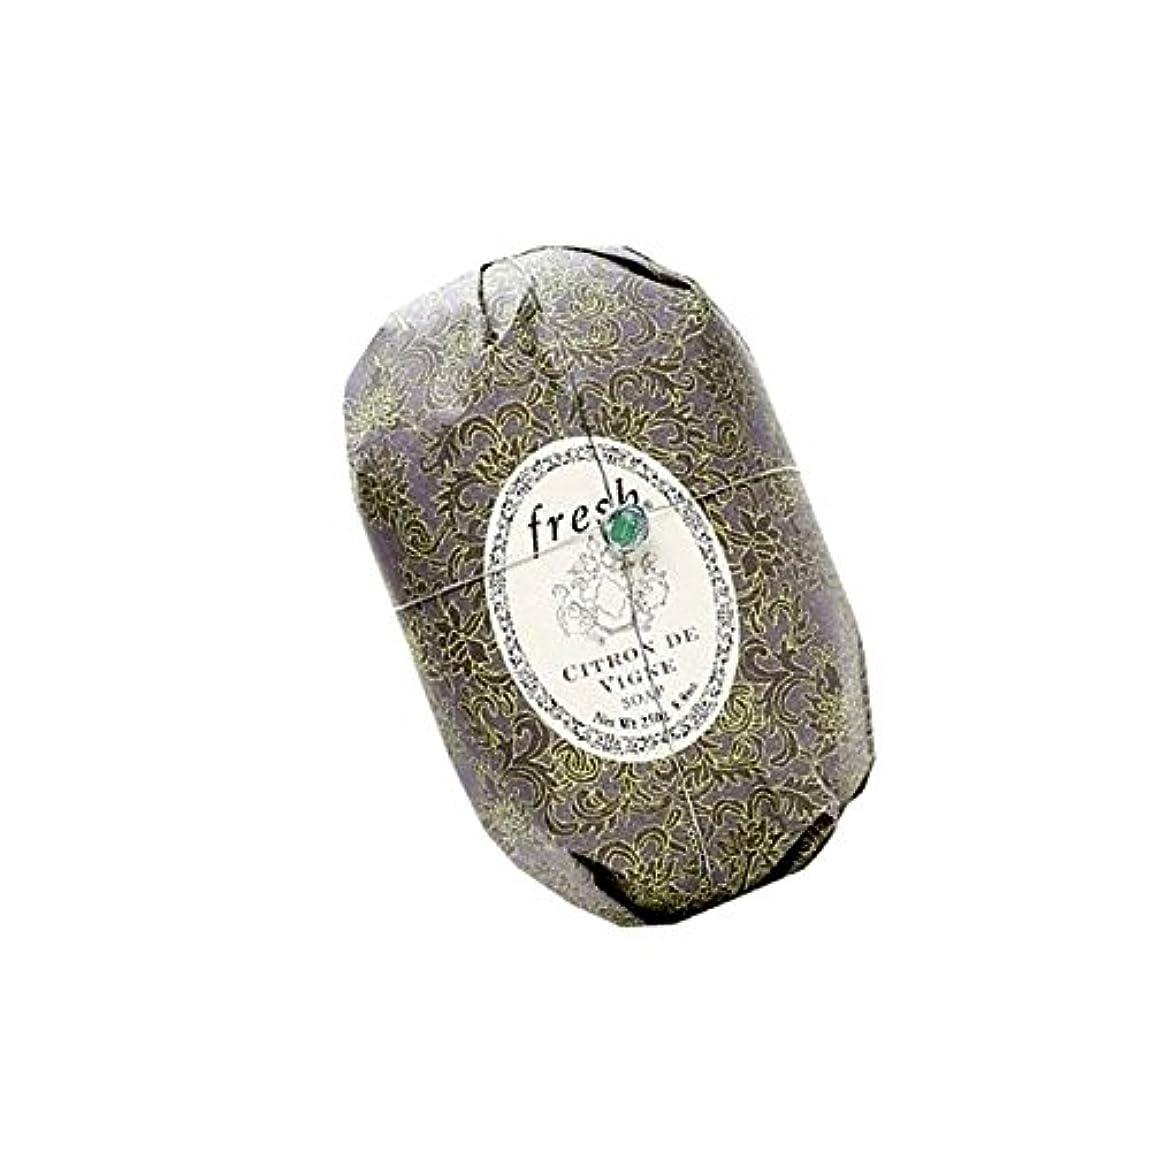 決定的レコーダードラマFresh フレッシュ Citron de Vigne Soap 石鹸, 250g/8.8oz. [海外直送品] [並行輸入品]